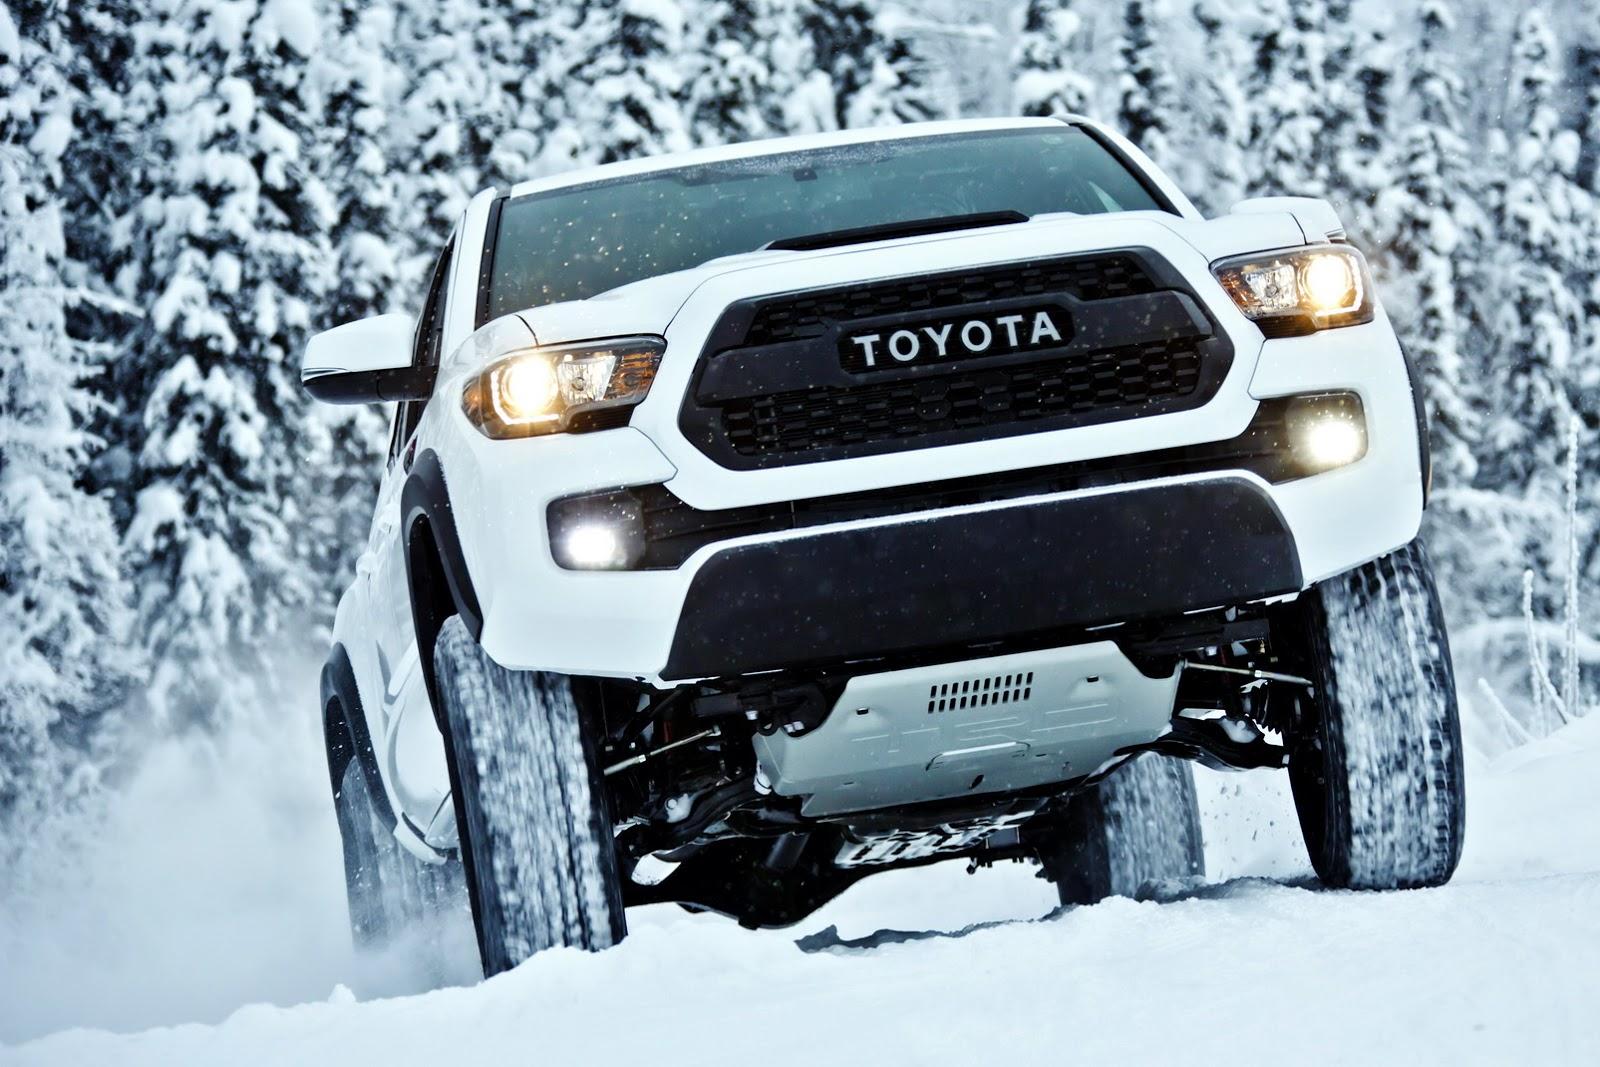 Toyota Tacoma Wallpapers 1080p 1600x1067 Wallpaper Teahub Io